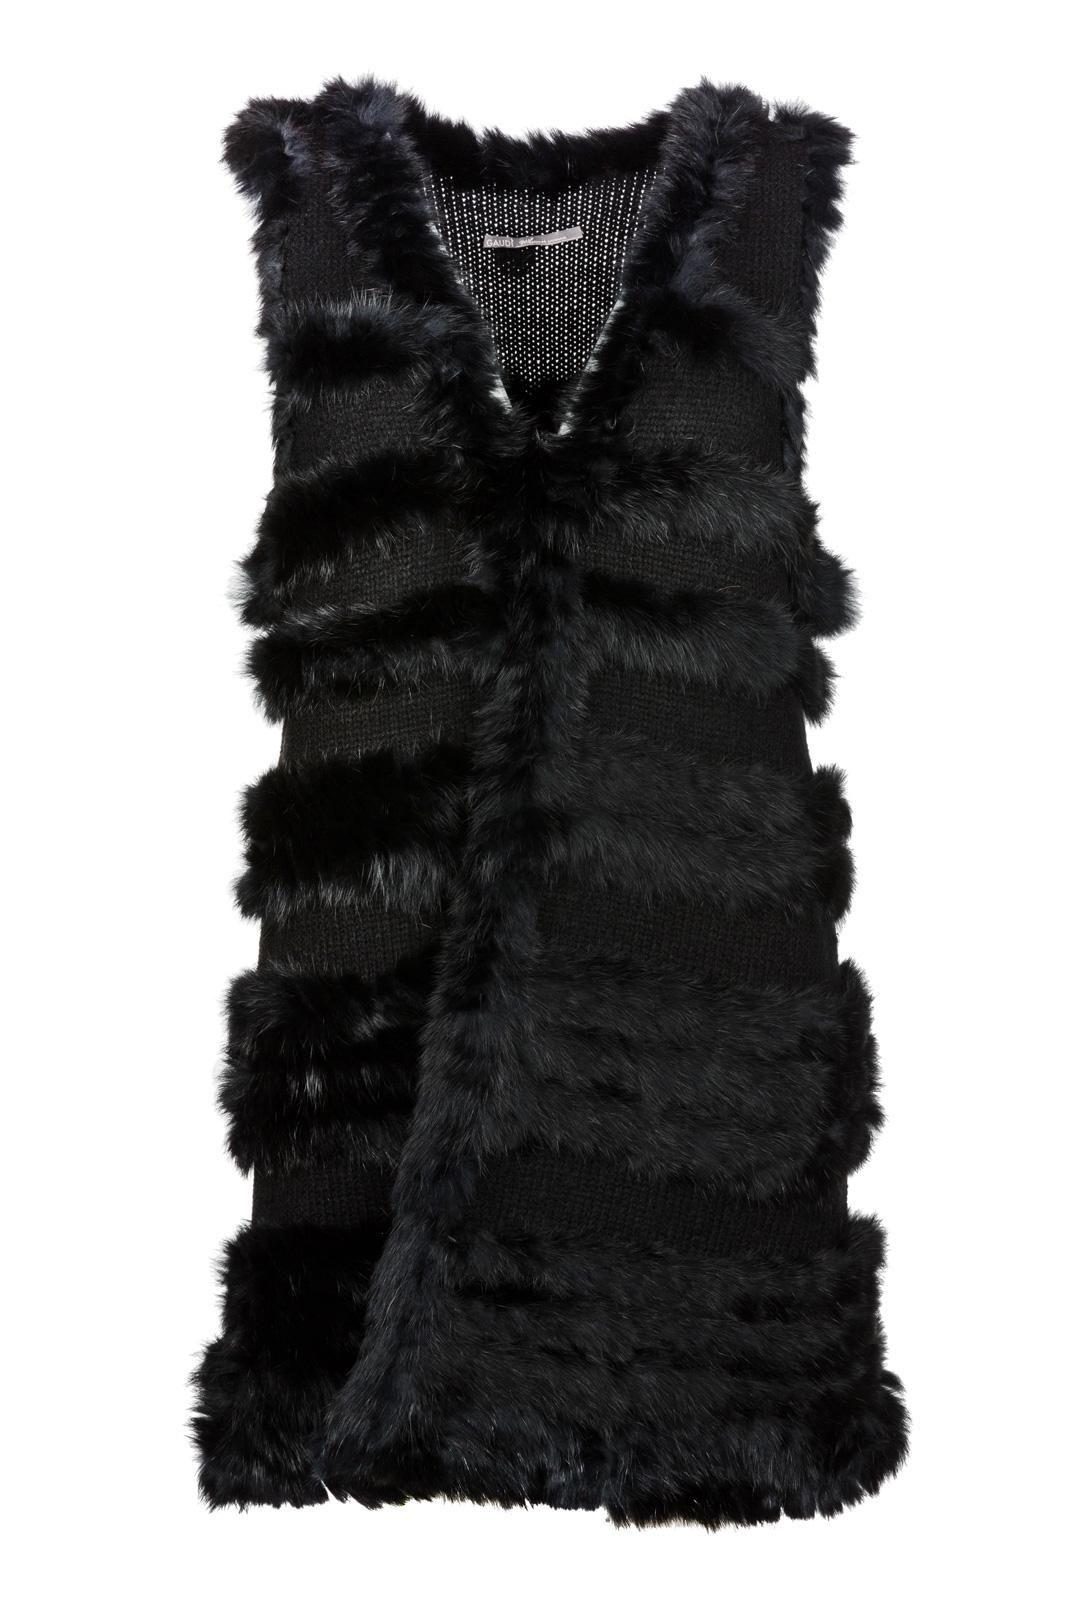 Gaudí Kožušinová Vesta . Dámska kožušinová vesta z kombinácie vlny a pravej  kožušiny ktorá nielen dodáva dáva tomuto kúsku luxusný look ale aj zahreje  v ... 8bbe7c3e8e3